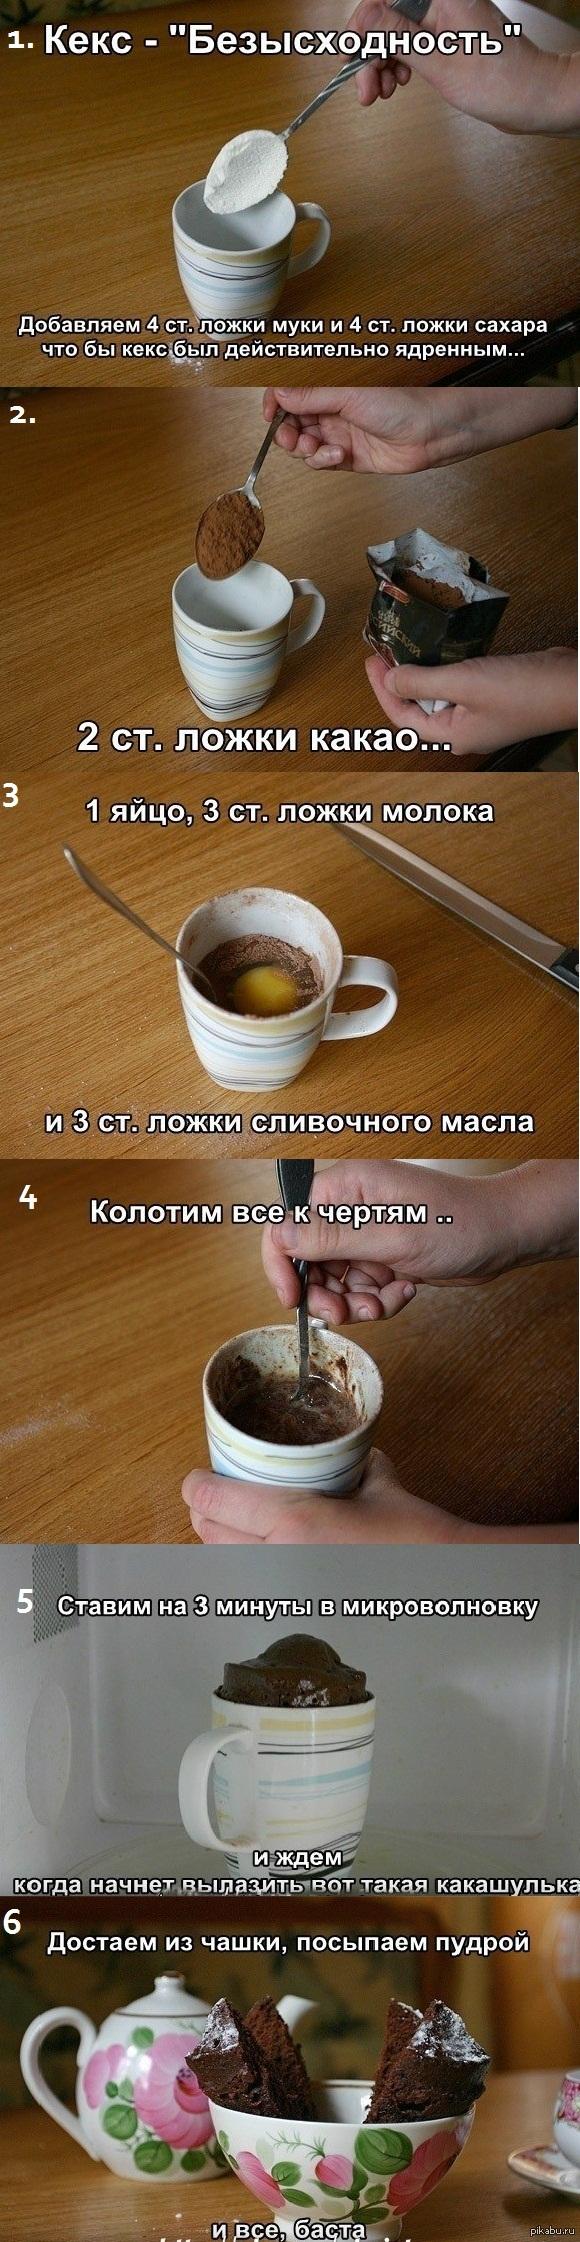 Как сделать быстро кекс в кружке - Как быстро убрать отек лица после пьянки.